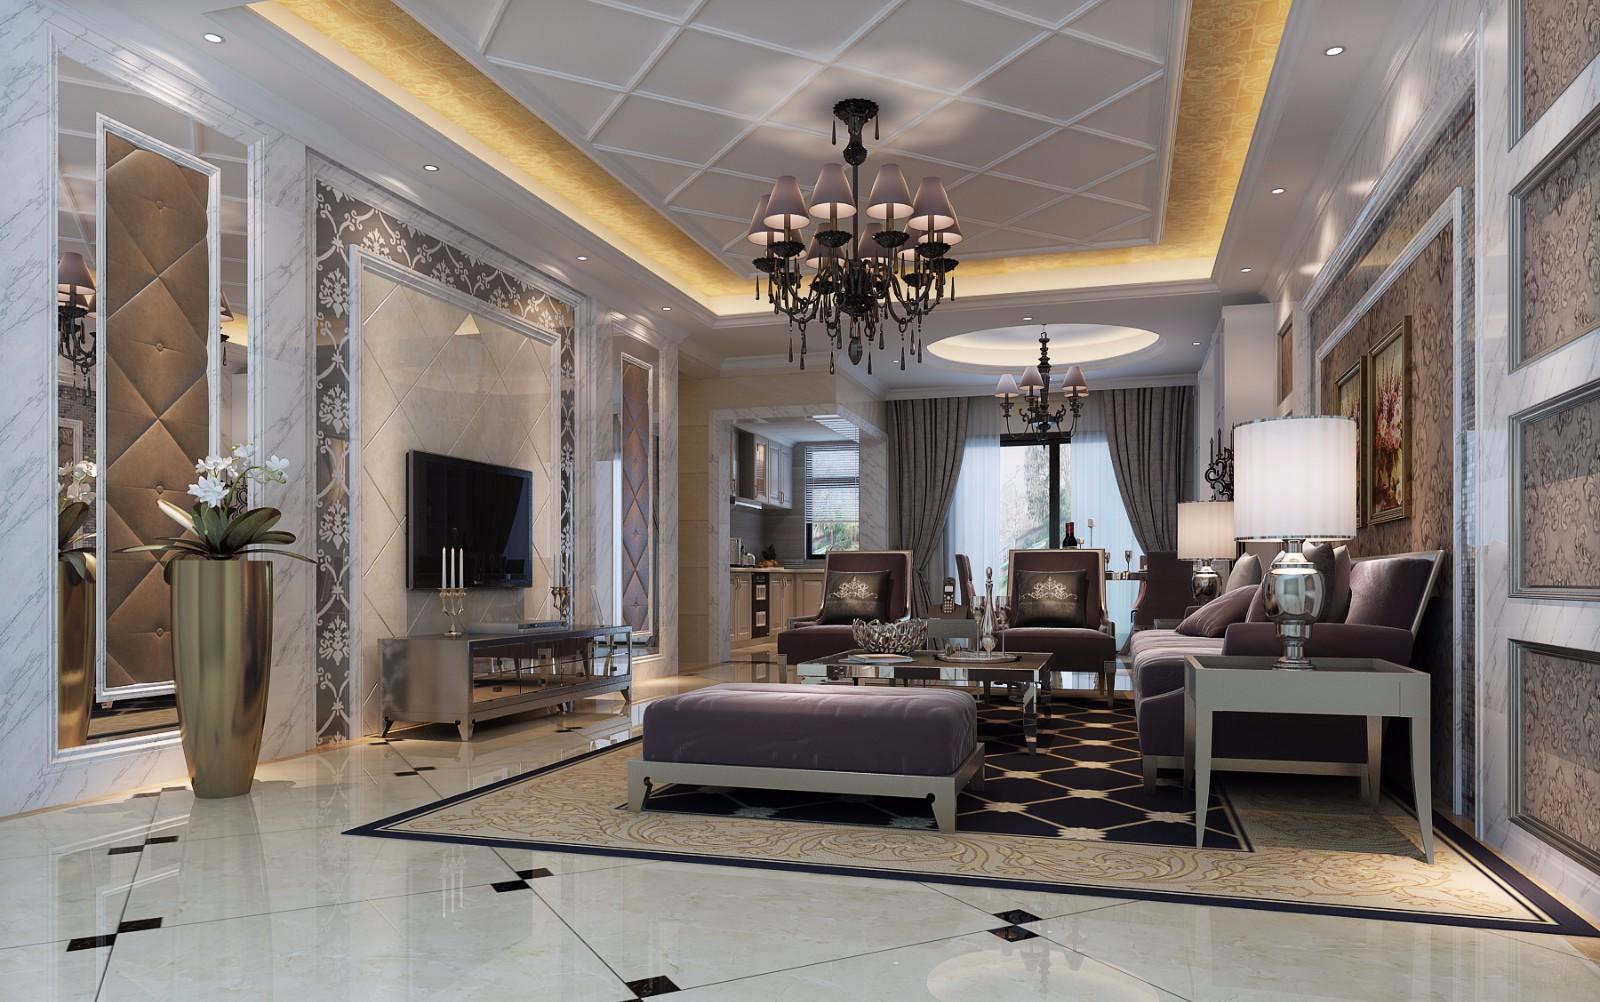 2室1衛2廳103平米簡歐風格